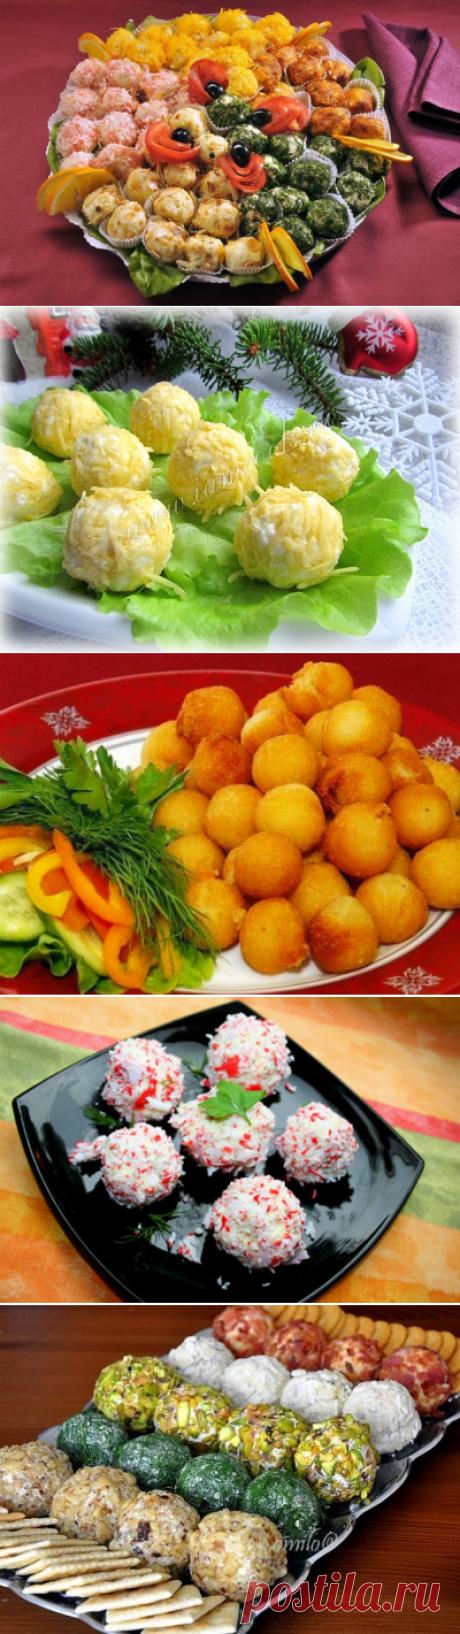 9 супер-закусок в виде шариков! ✔1. Оригинальный салат в шариках Ингредиенты: — Стакан отварного риса, — Банка консер. рыбки(у меня горбуша), — Яйца вар. 3 шт. — Майонез-3 стол. ложки. — Пучок укропа, — Сырая морковка-1 шт, Приготовление: Рис+рыба+белки+майонез,соль,перец. Всё перемешать. Морковь натереть на мелкой тёрке. Желтки тоже натереть. Салатик разделить на шарики,обвалять в зелени,желтках и в натертой морковке. Приятного аппетита ✔2. Творожные крокеты с